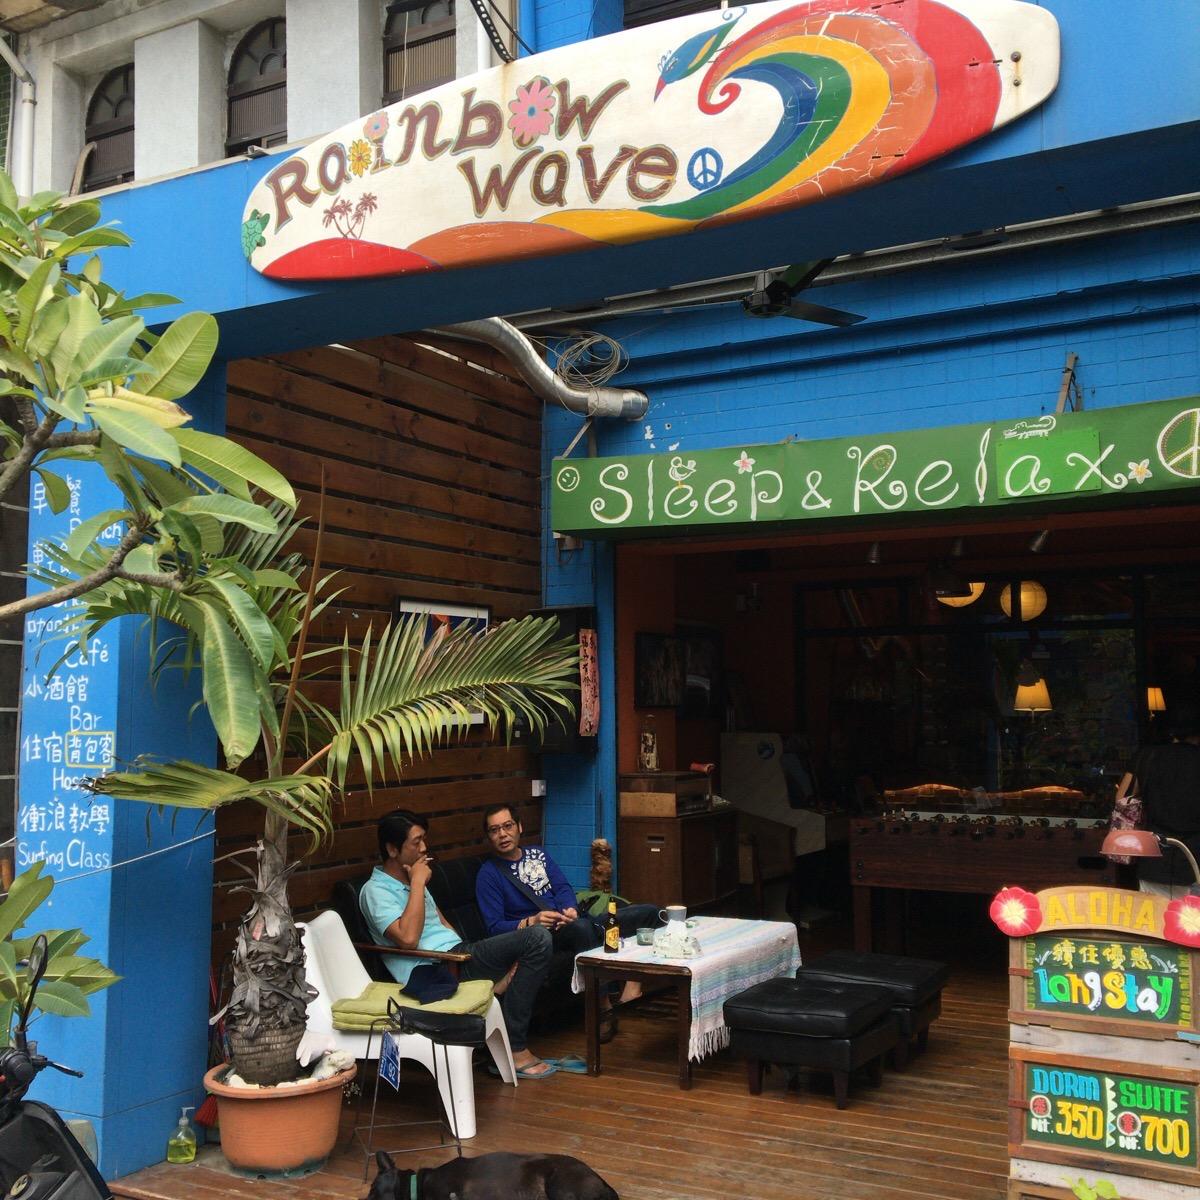 [安宿・ゲストハウスレビュー]台湾・恆春にある「レインボー ウェーブ」は店員がとてもフレンドリー!!